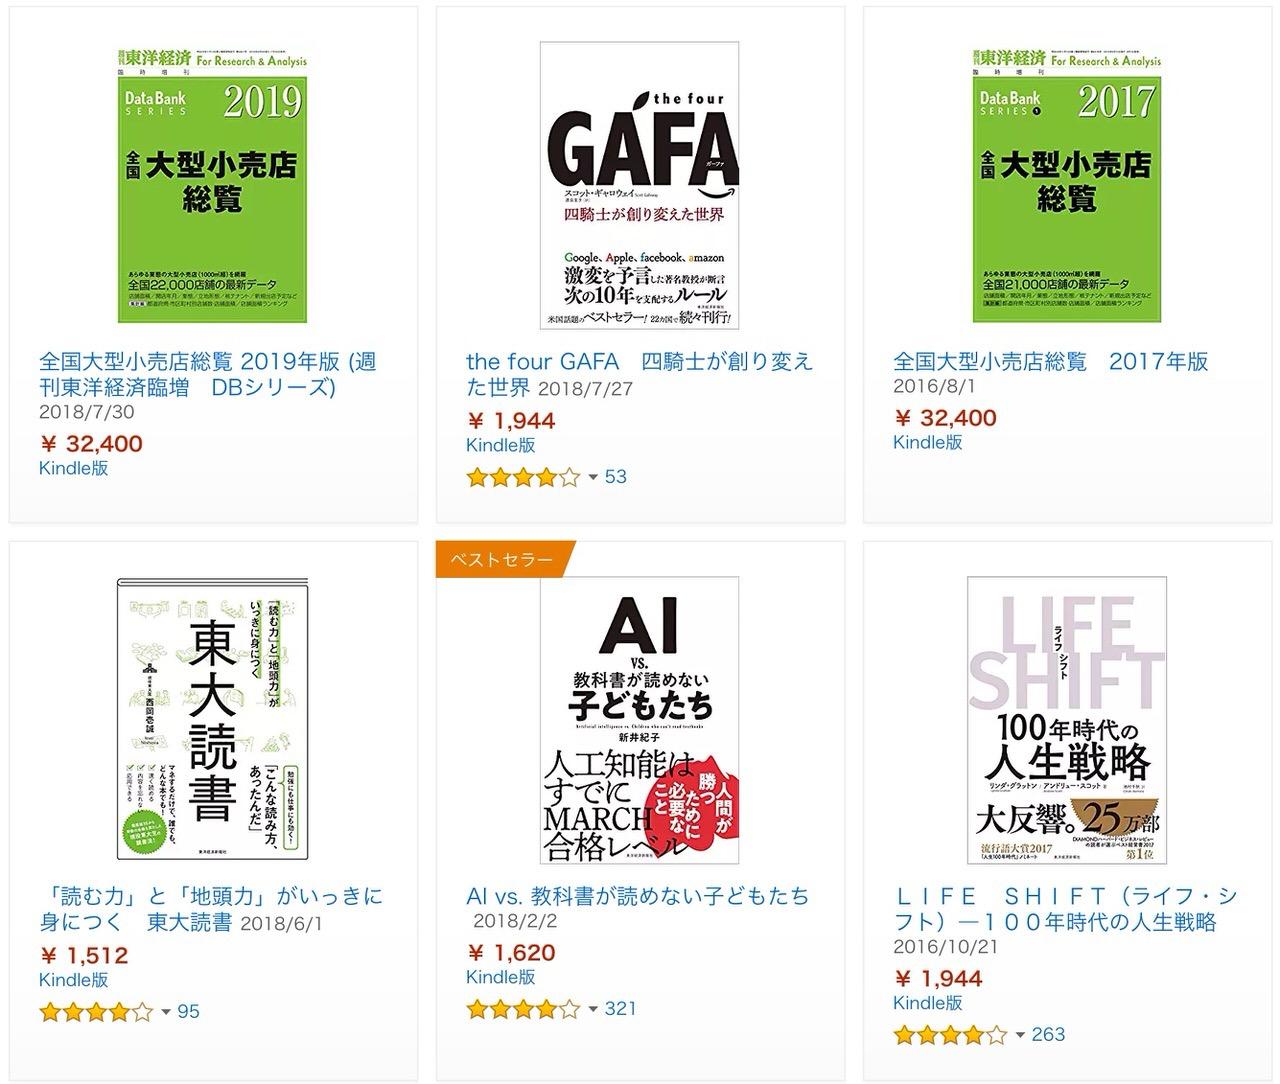 【Kindleセール】2,000冊以上が対象!全点40%ポイント還元「東洋経済新報社キャンペーン」(11/25まで)